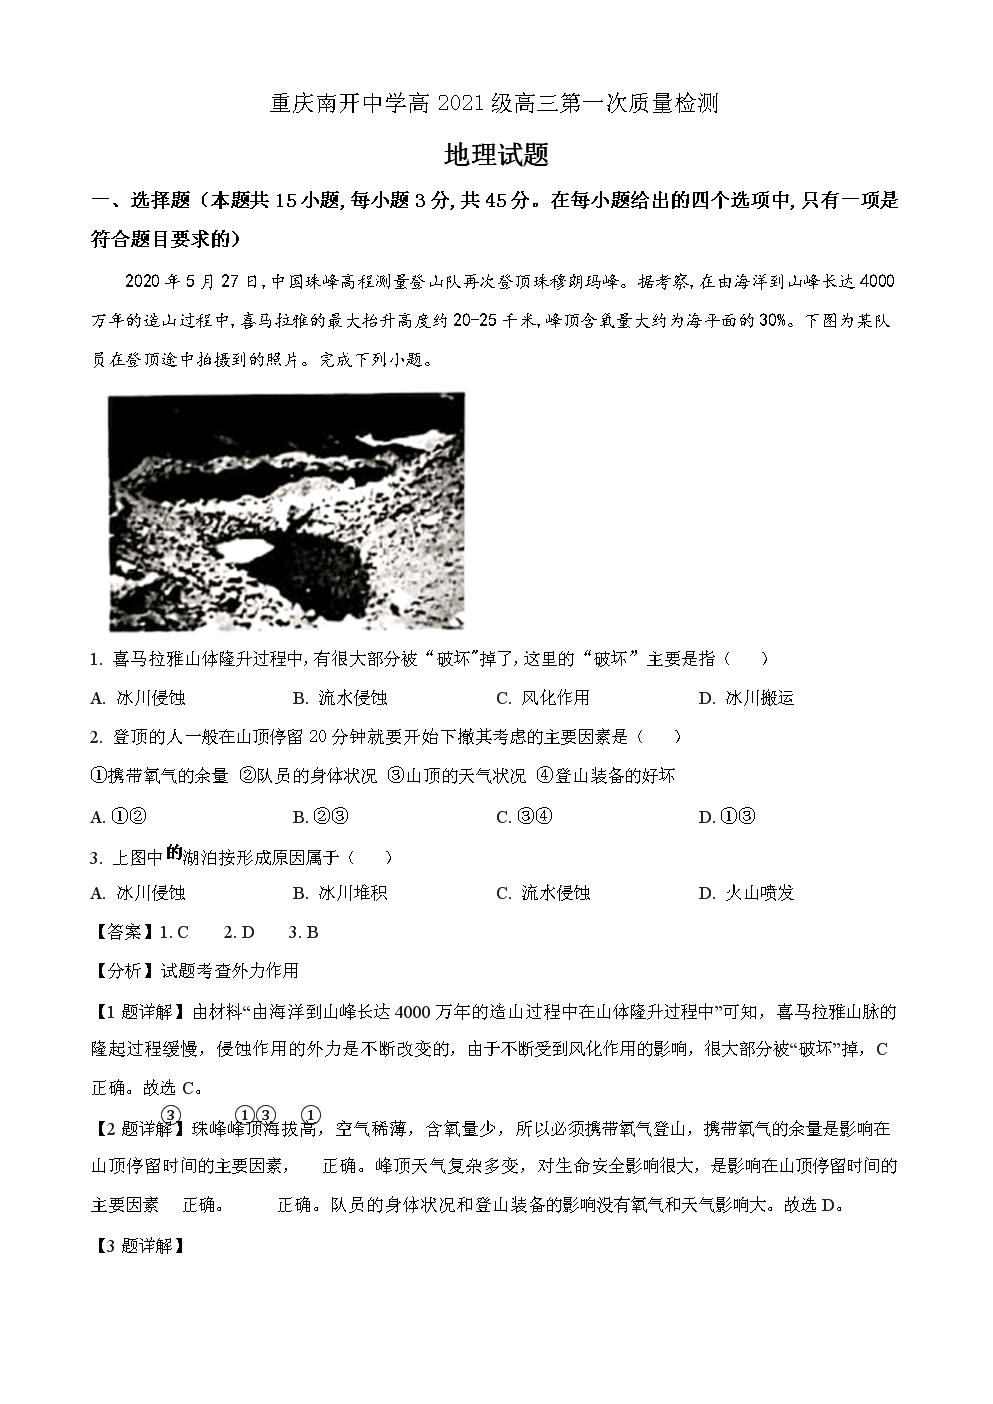 重庆南开中学2020-2021学年高三上学期第一次质量检测地理试题(解析版).doc